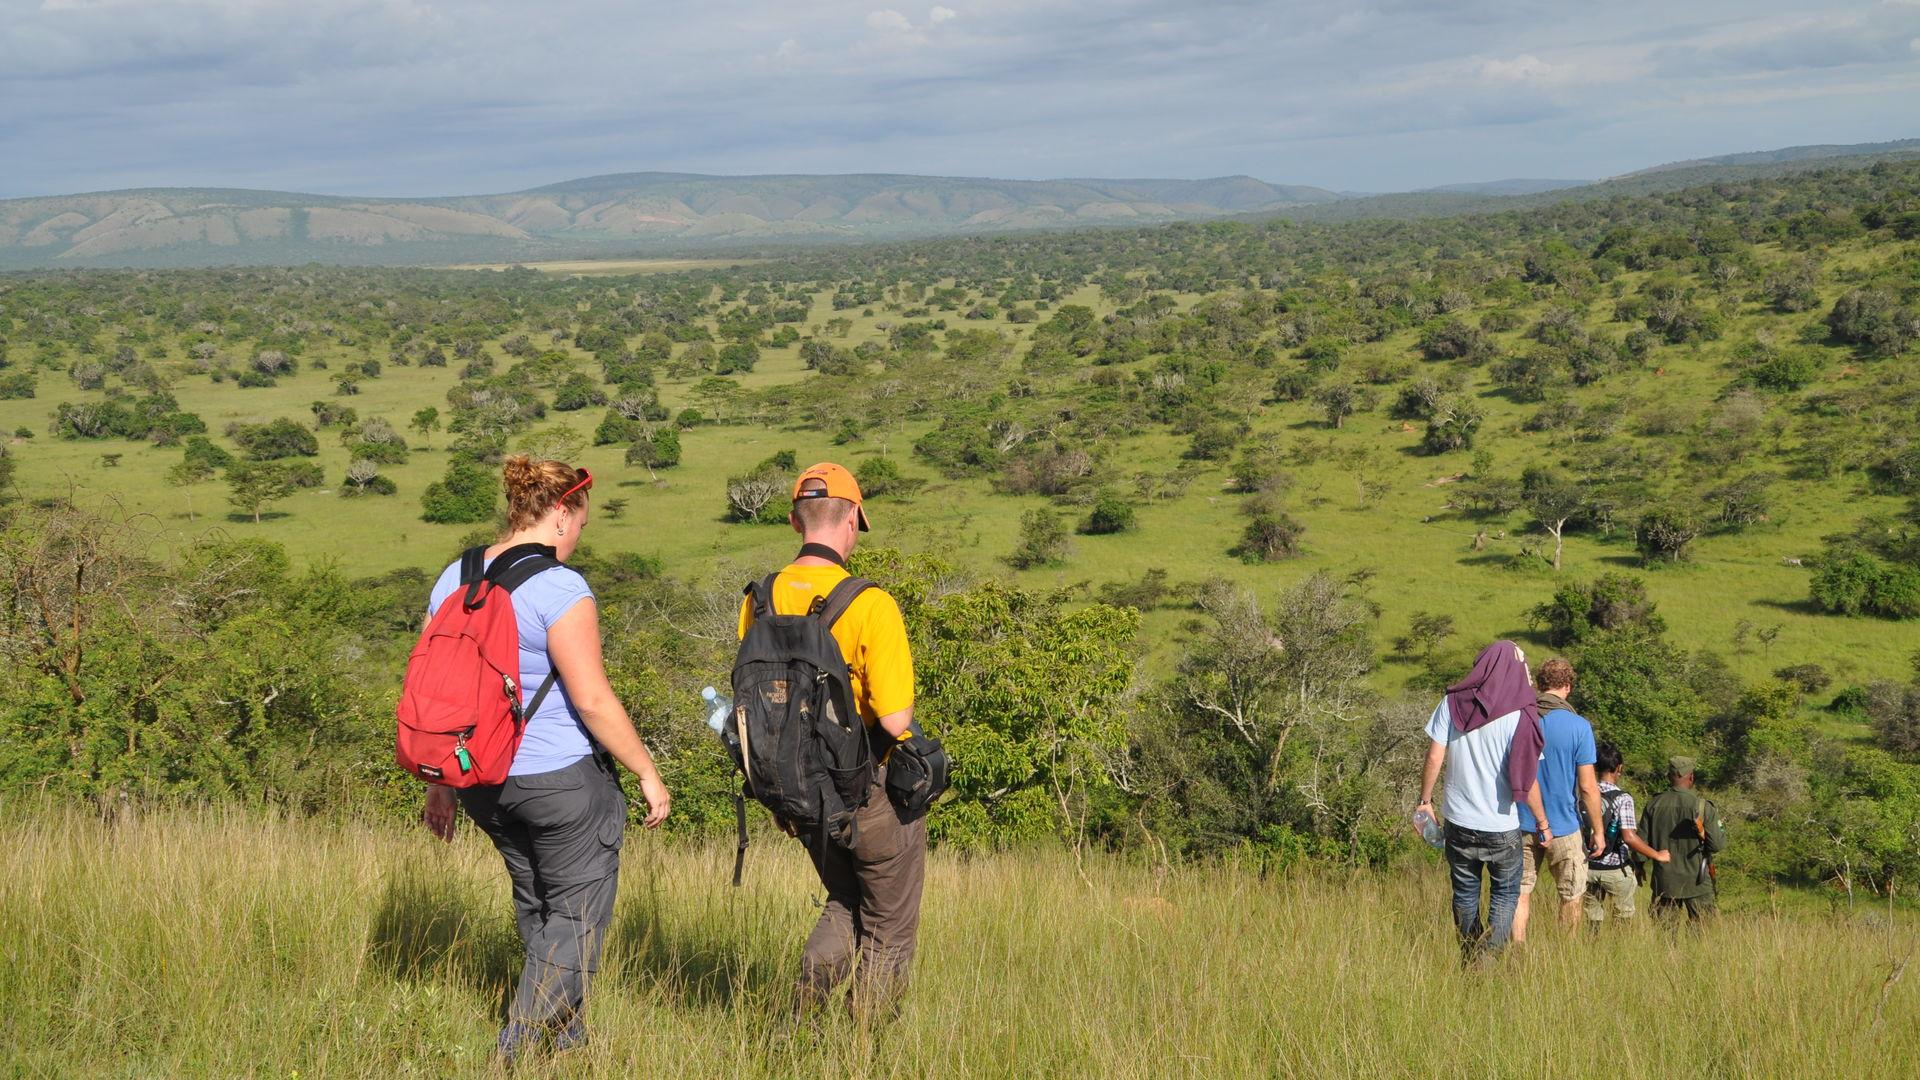 Prive rondreis Oeganda – hoogtepunten Oeganda - prijzen - 13 dagen